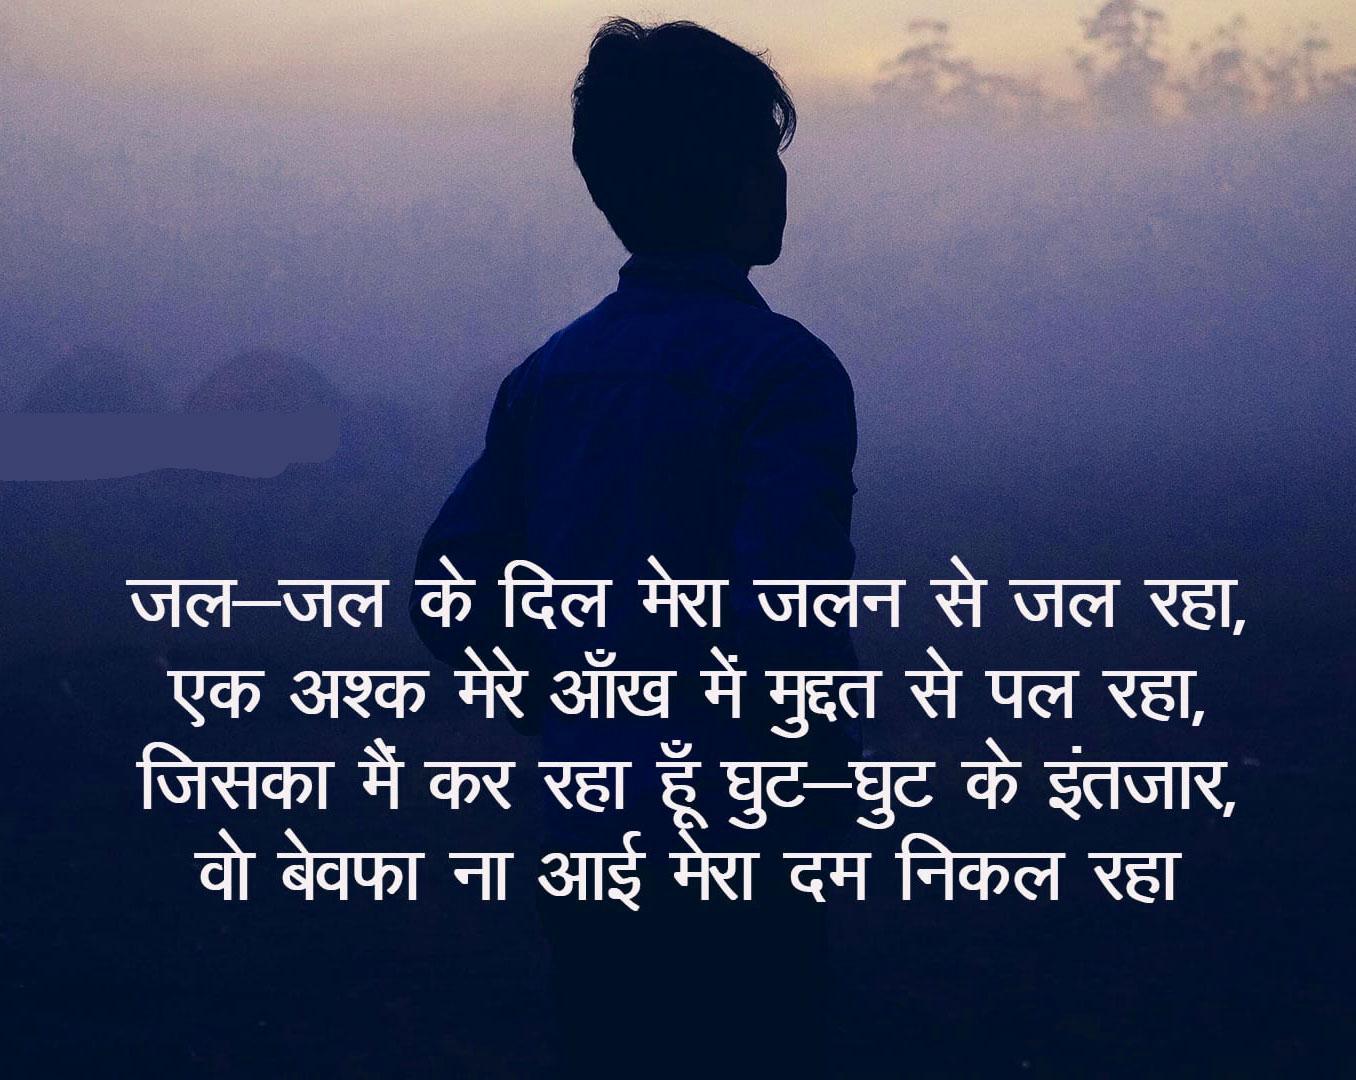 Hindi Shayari 46